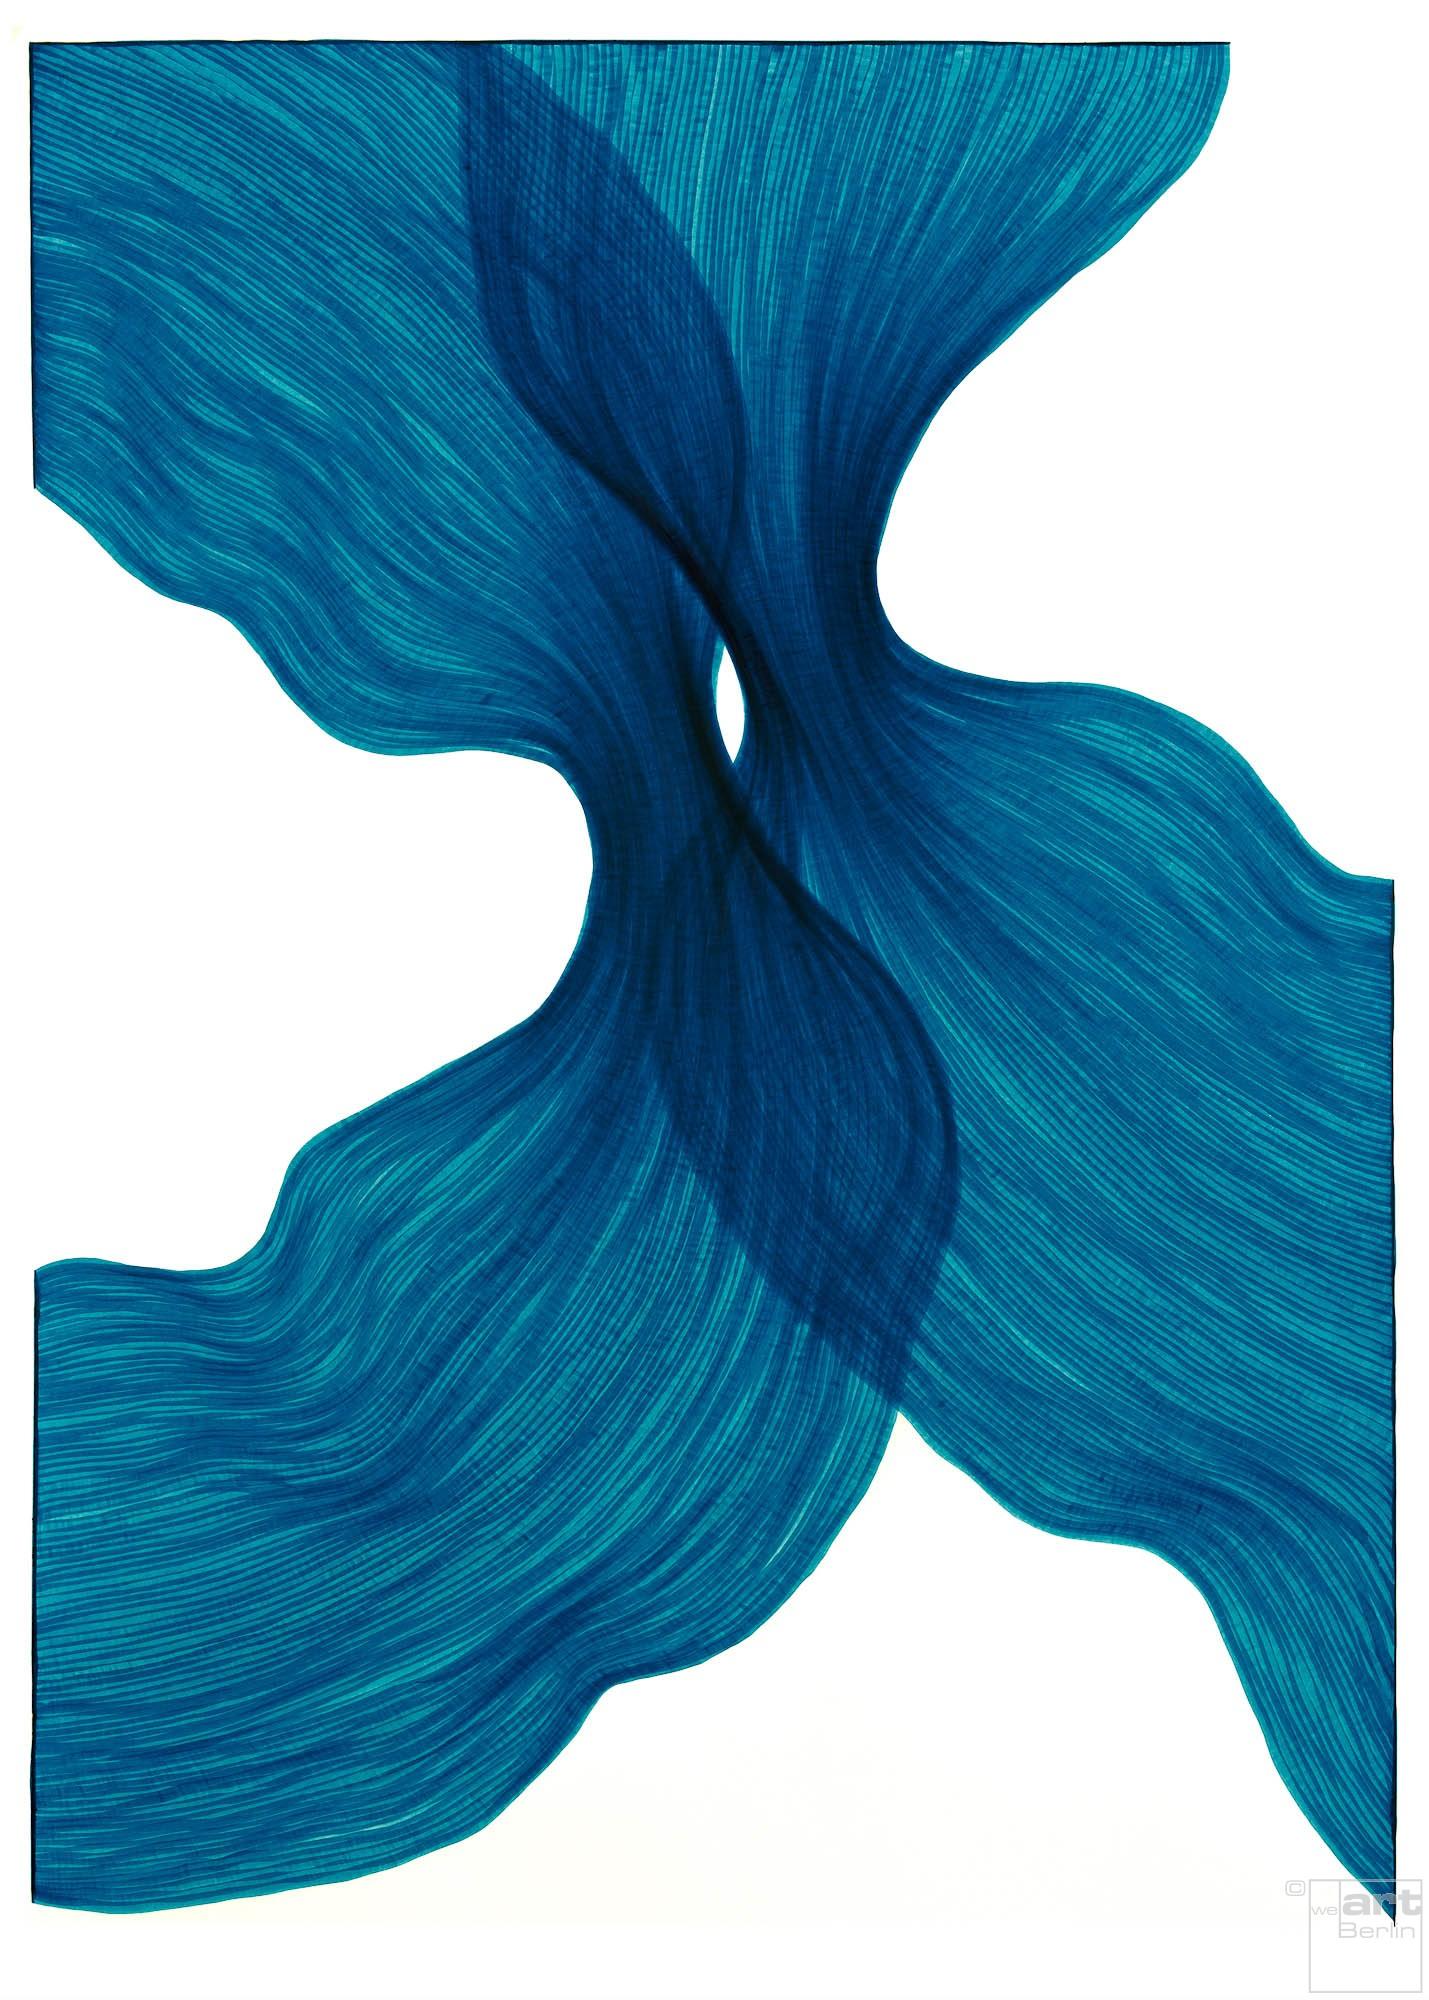 Sea Blue Sheer Folds | Lali Torma | Zeichnung | Kalligraphietusche auf Papier